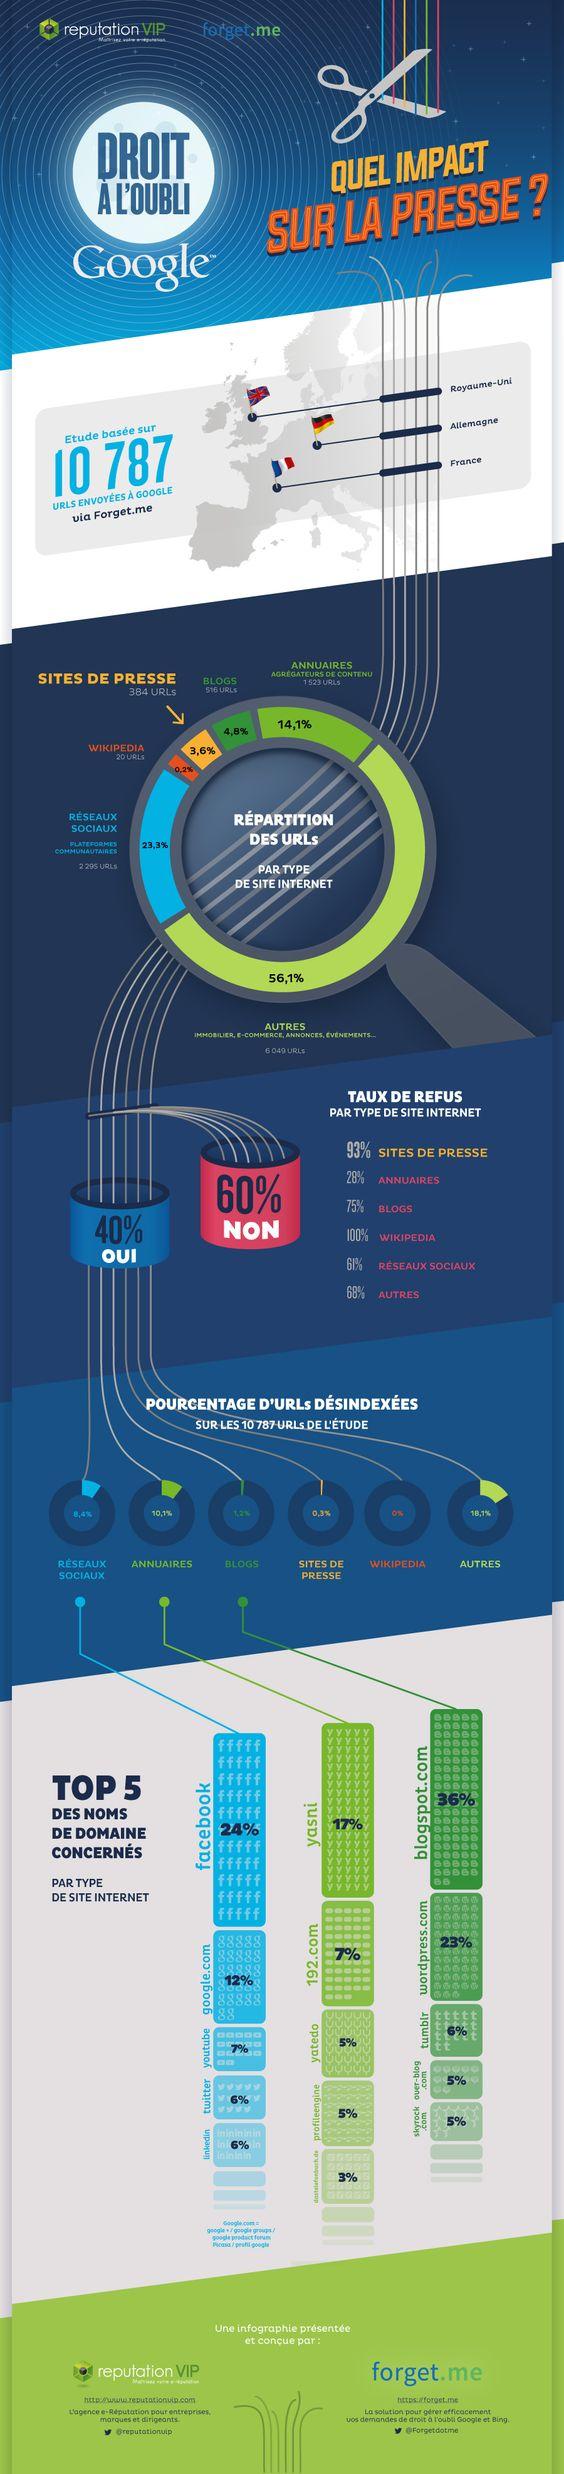 10 octobre 2014 - Trois infographies aujourd'hui qui présentent la façon dont le droit à l'oubli est traité par Google ainsi que des statistiques par types de traitement et par Actualité Abondance